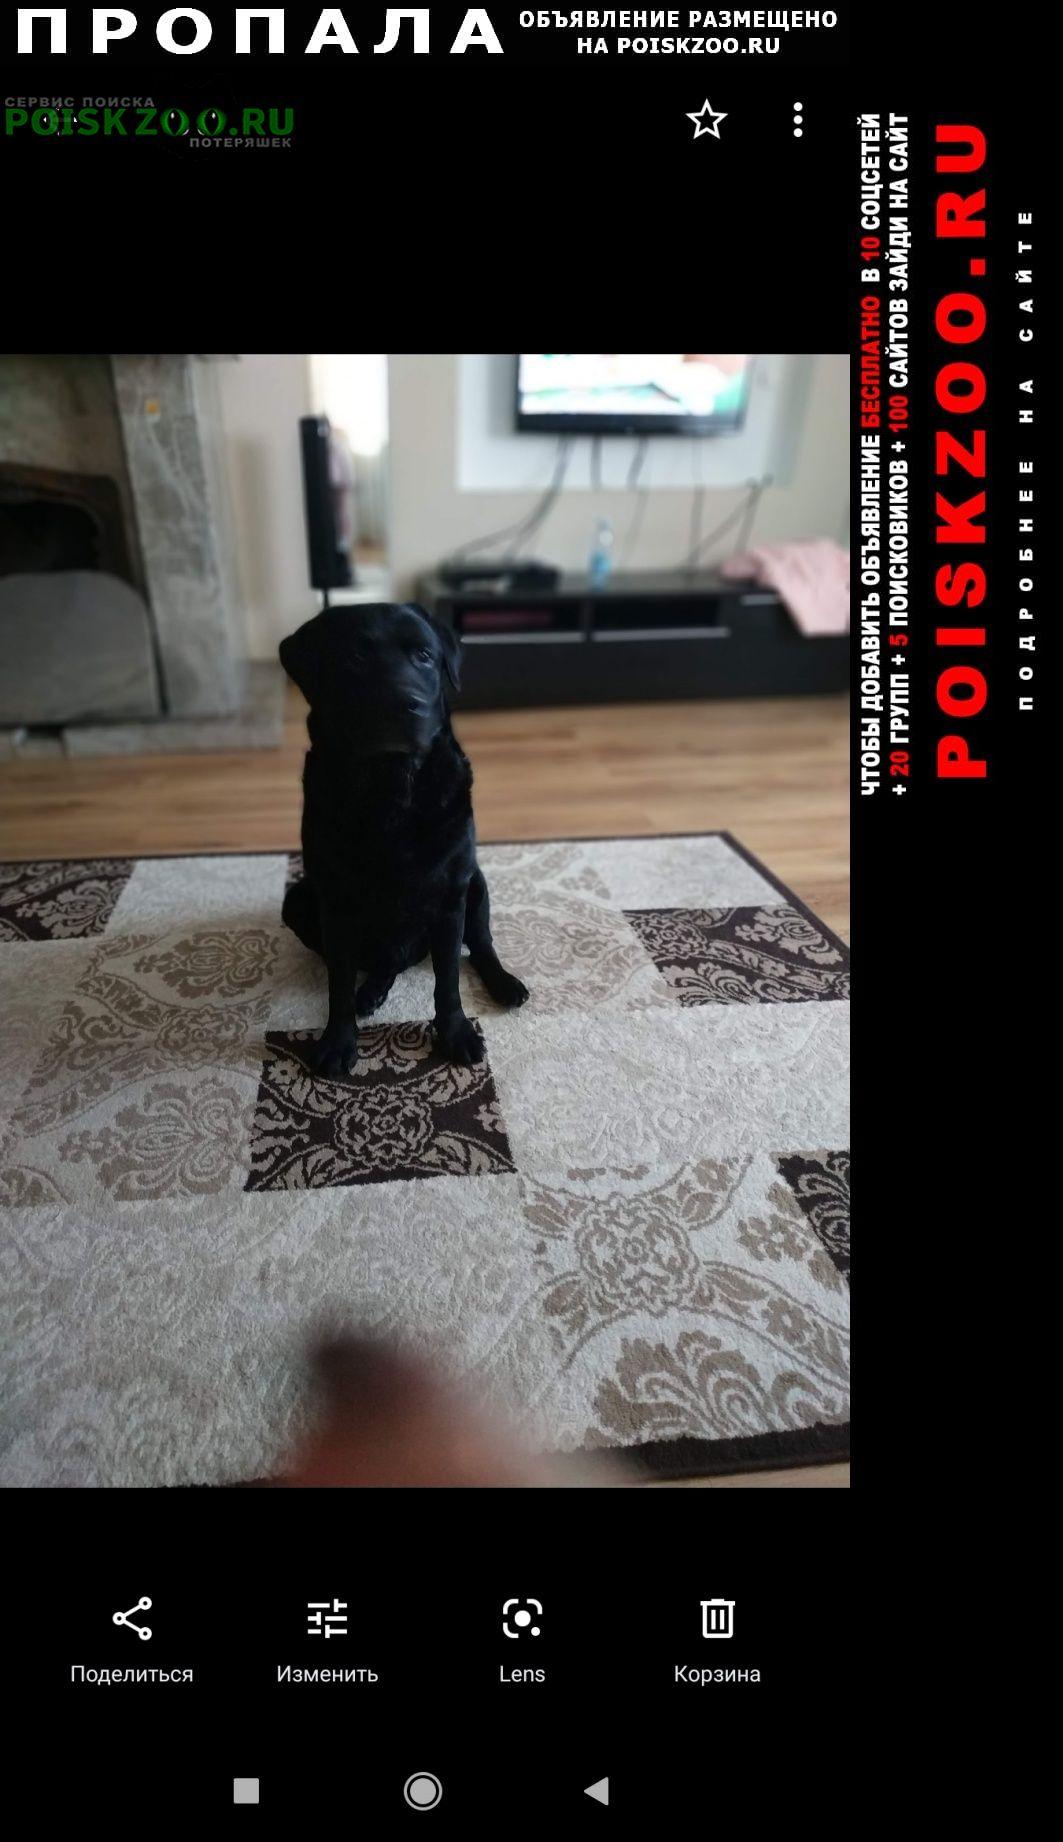 Пропала собака черные лабрадоры, мальчик и девочка Тюмень